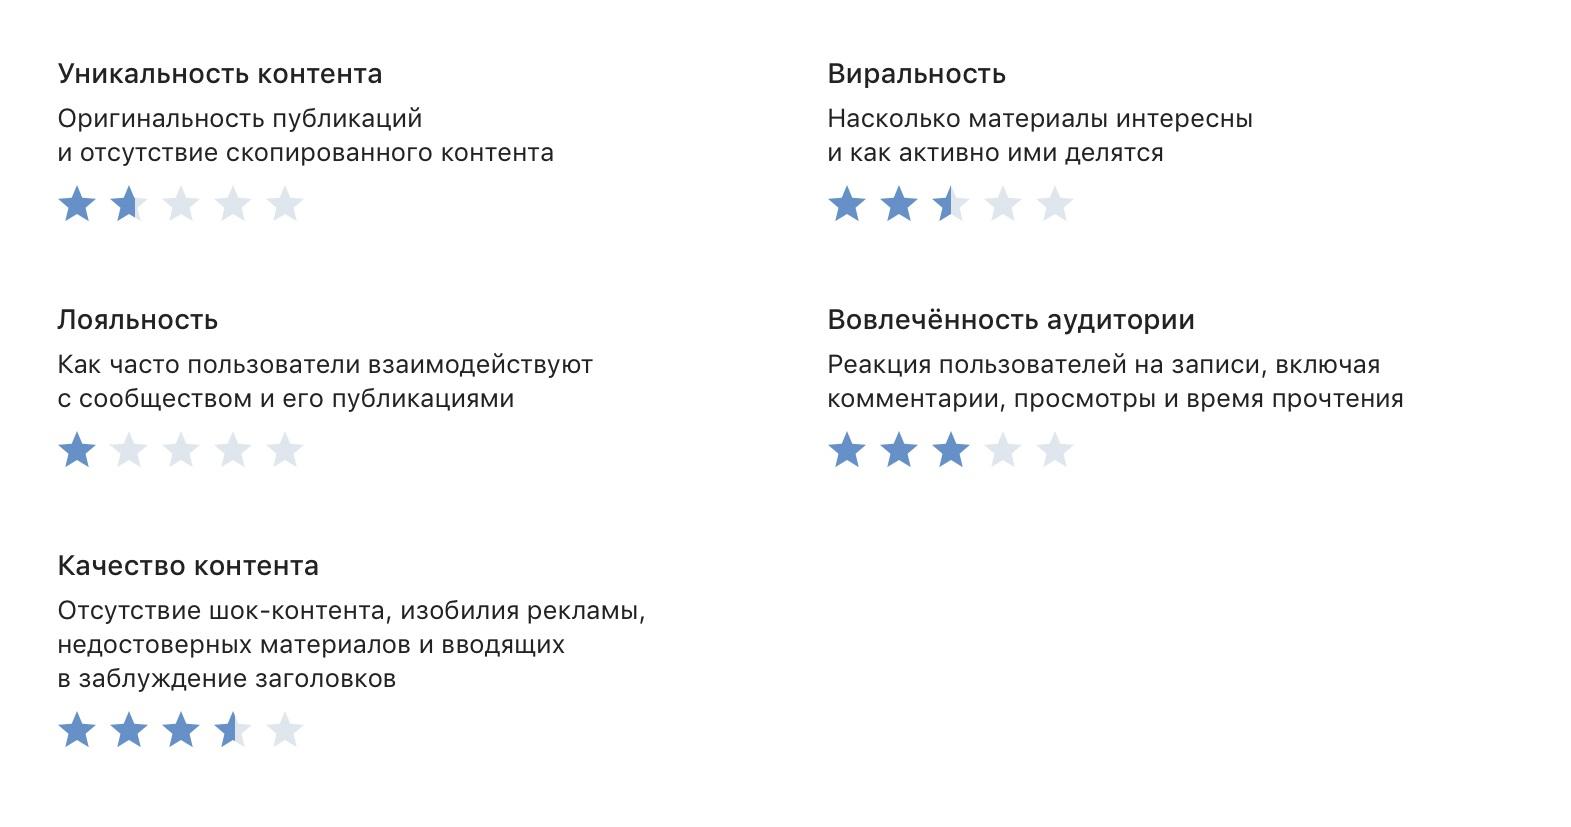 Обновлённый раздел статистики для авторов ВКонтакте